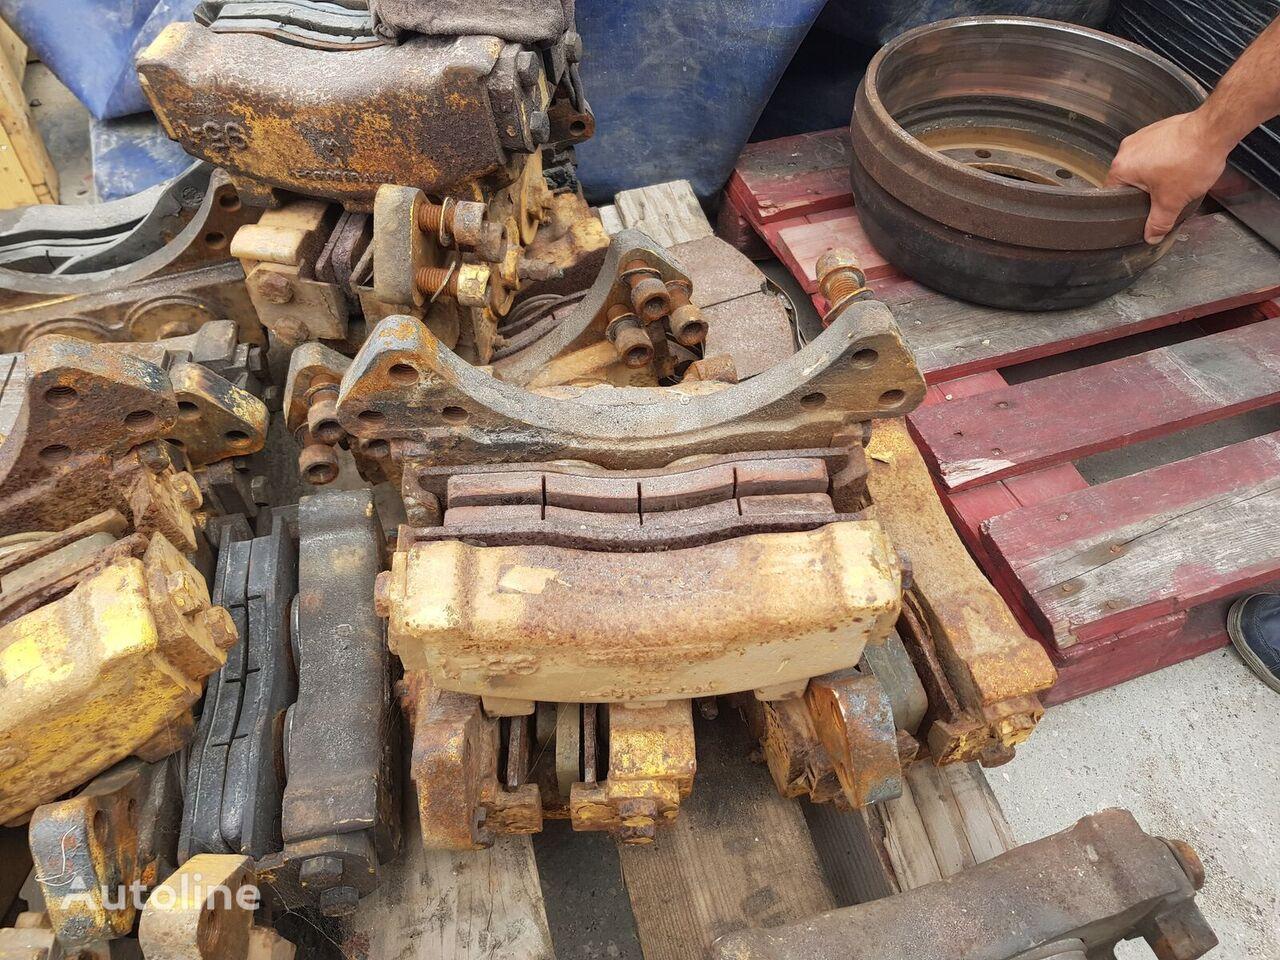 brake caliper for VOLVO A25 / A30 / A35 / A40 articulated dump truck